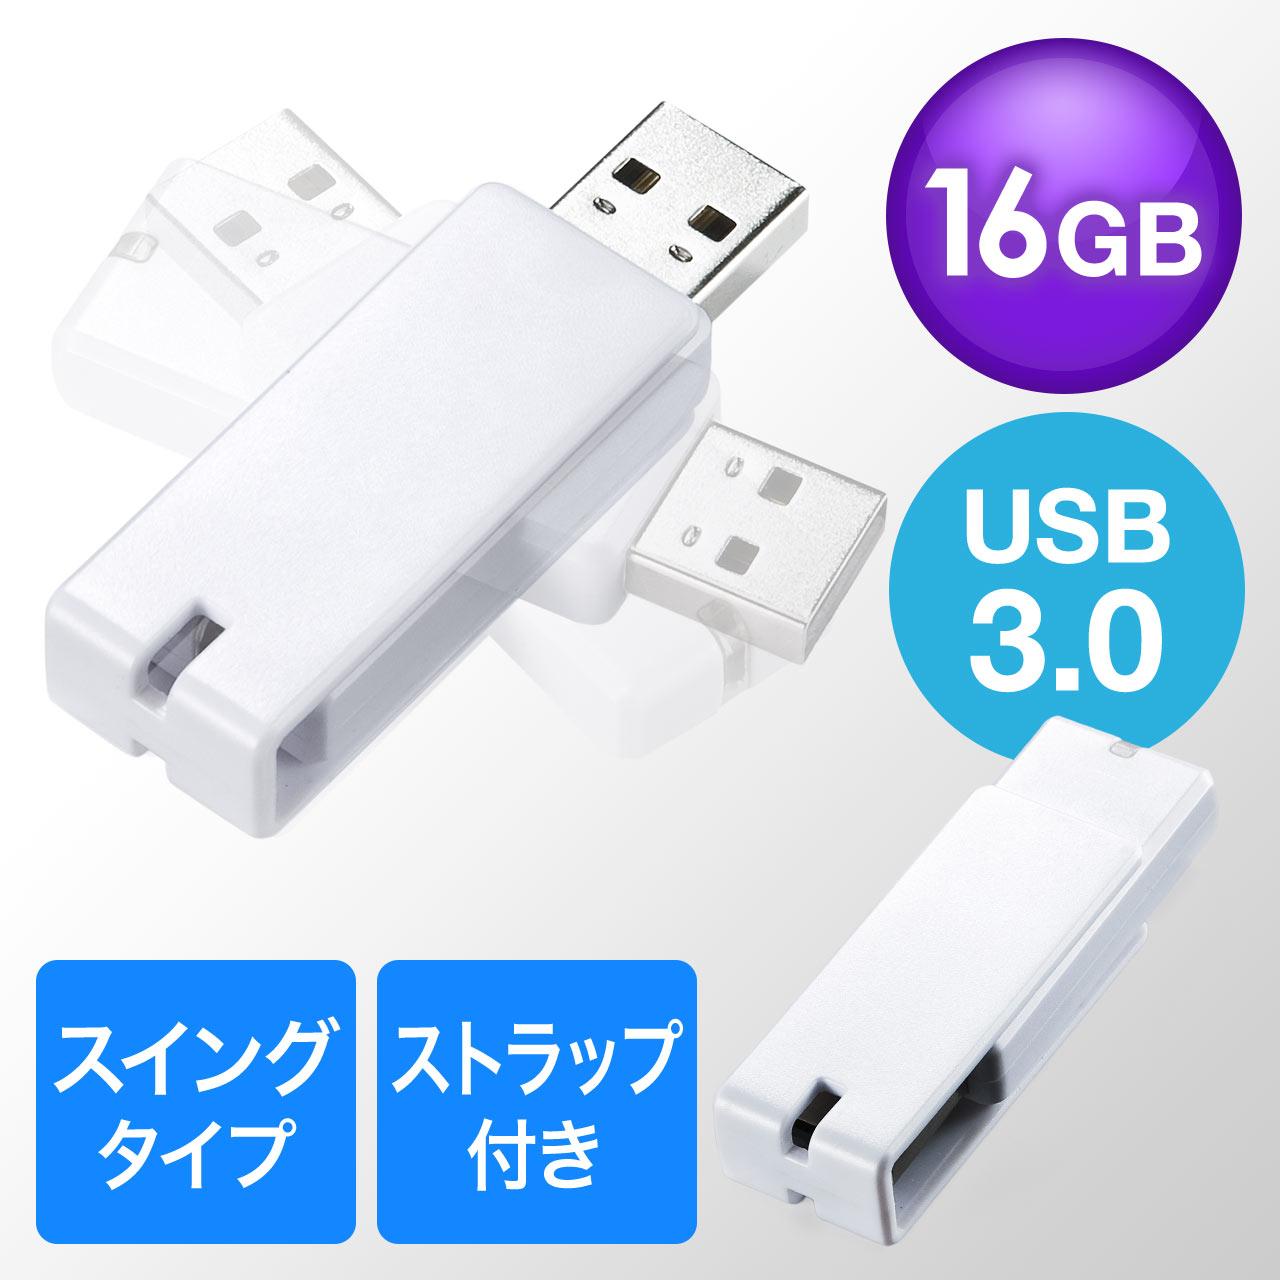 USBメモリ(USB3.0・スイング式・キャップレス・ストラップ付き・名入れ対応・16GB・ホワイト) サンワダイレクト サンワサプライ 600-3US16GW